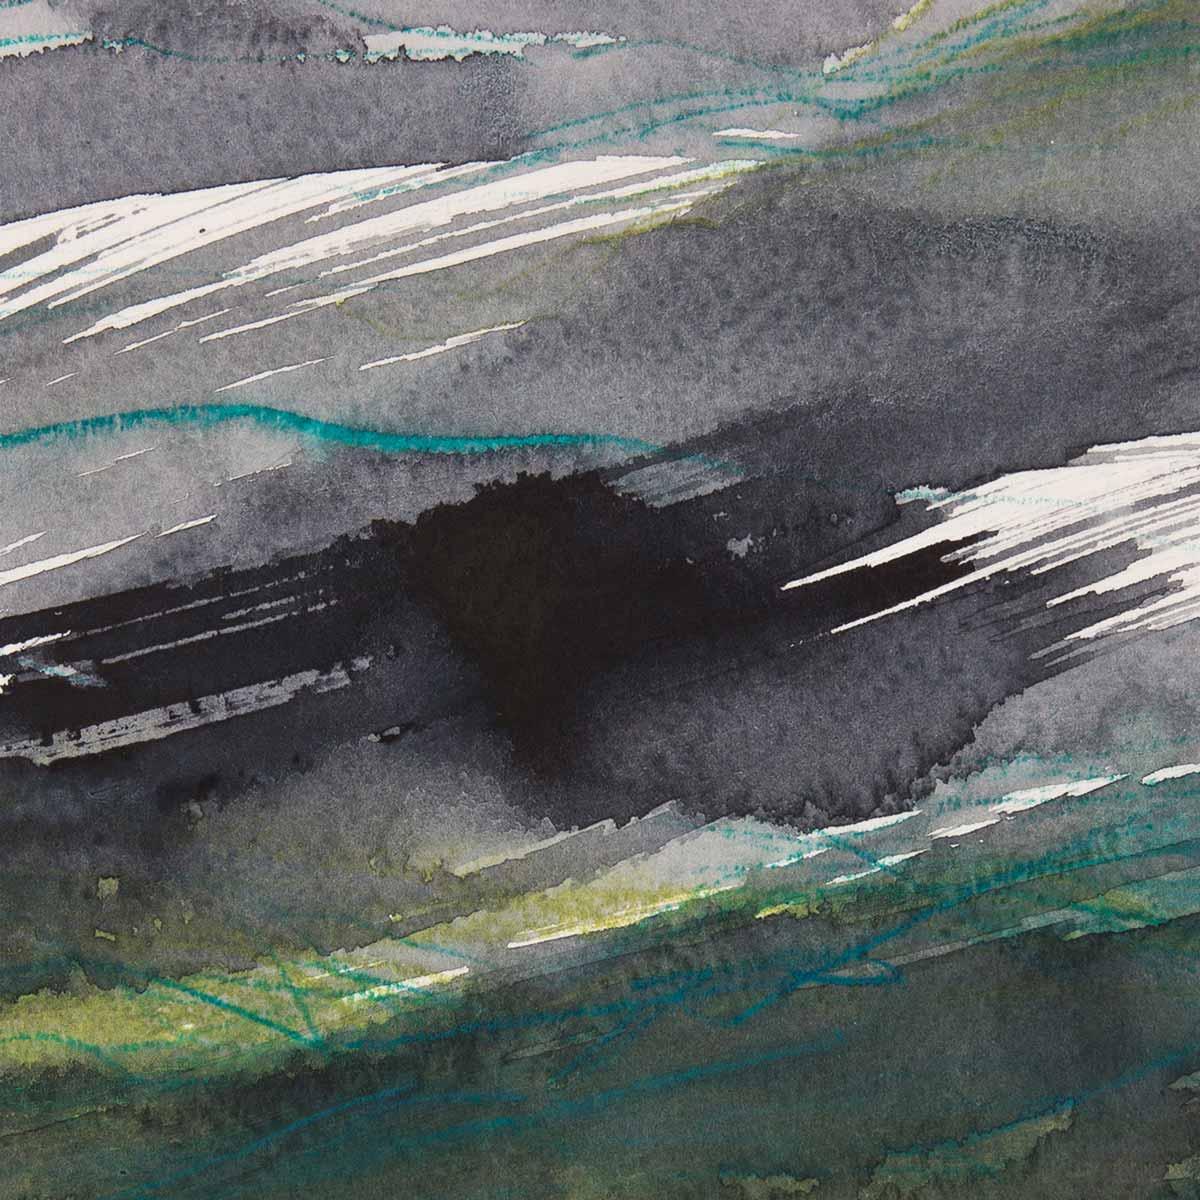 10 x 10 cm, aquarelle et crayons sur papier, 12 nov 14